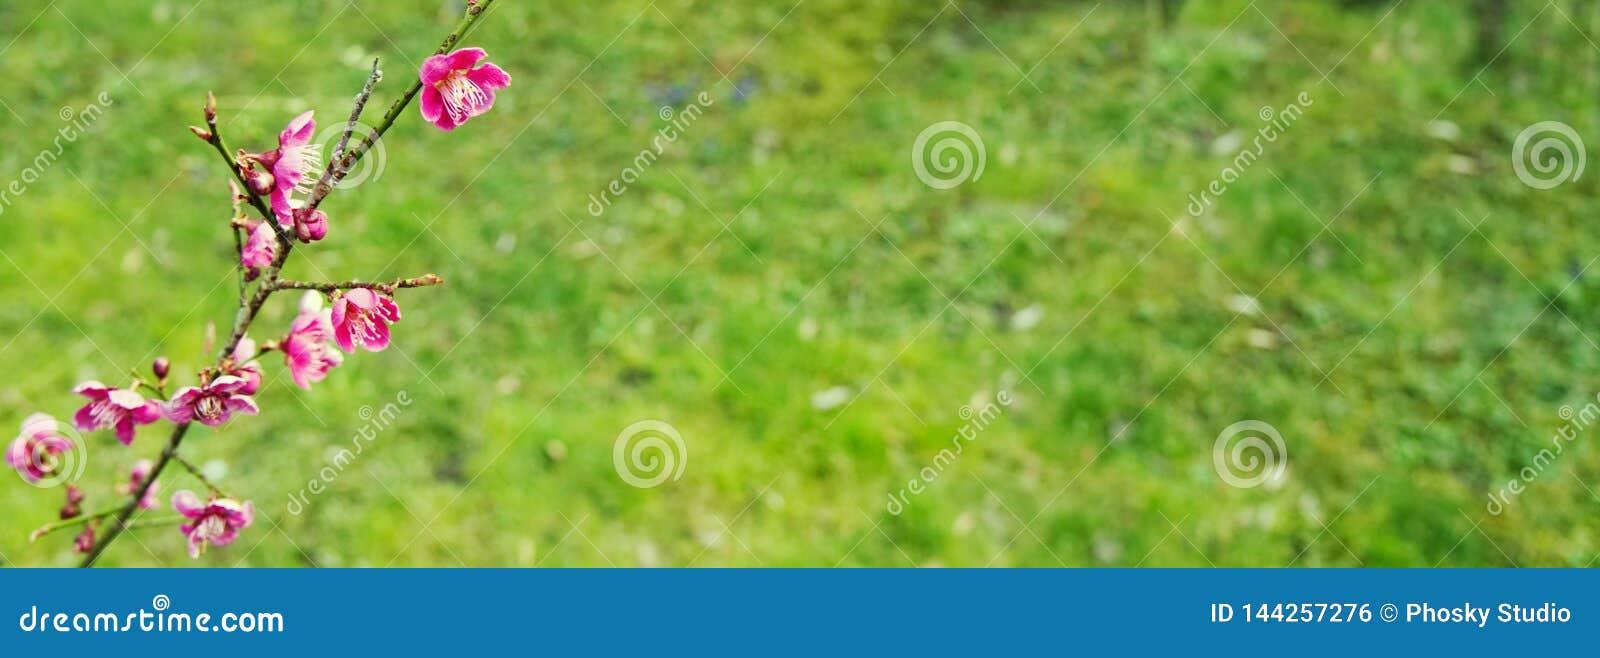 Flores rosadas en un fondo de la hierba